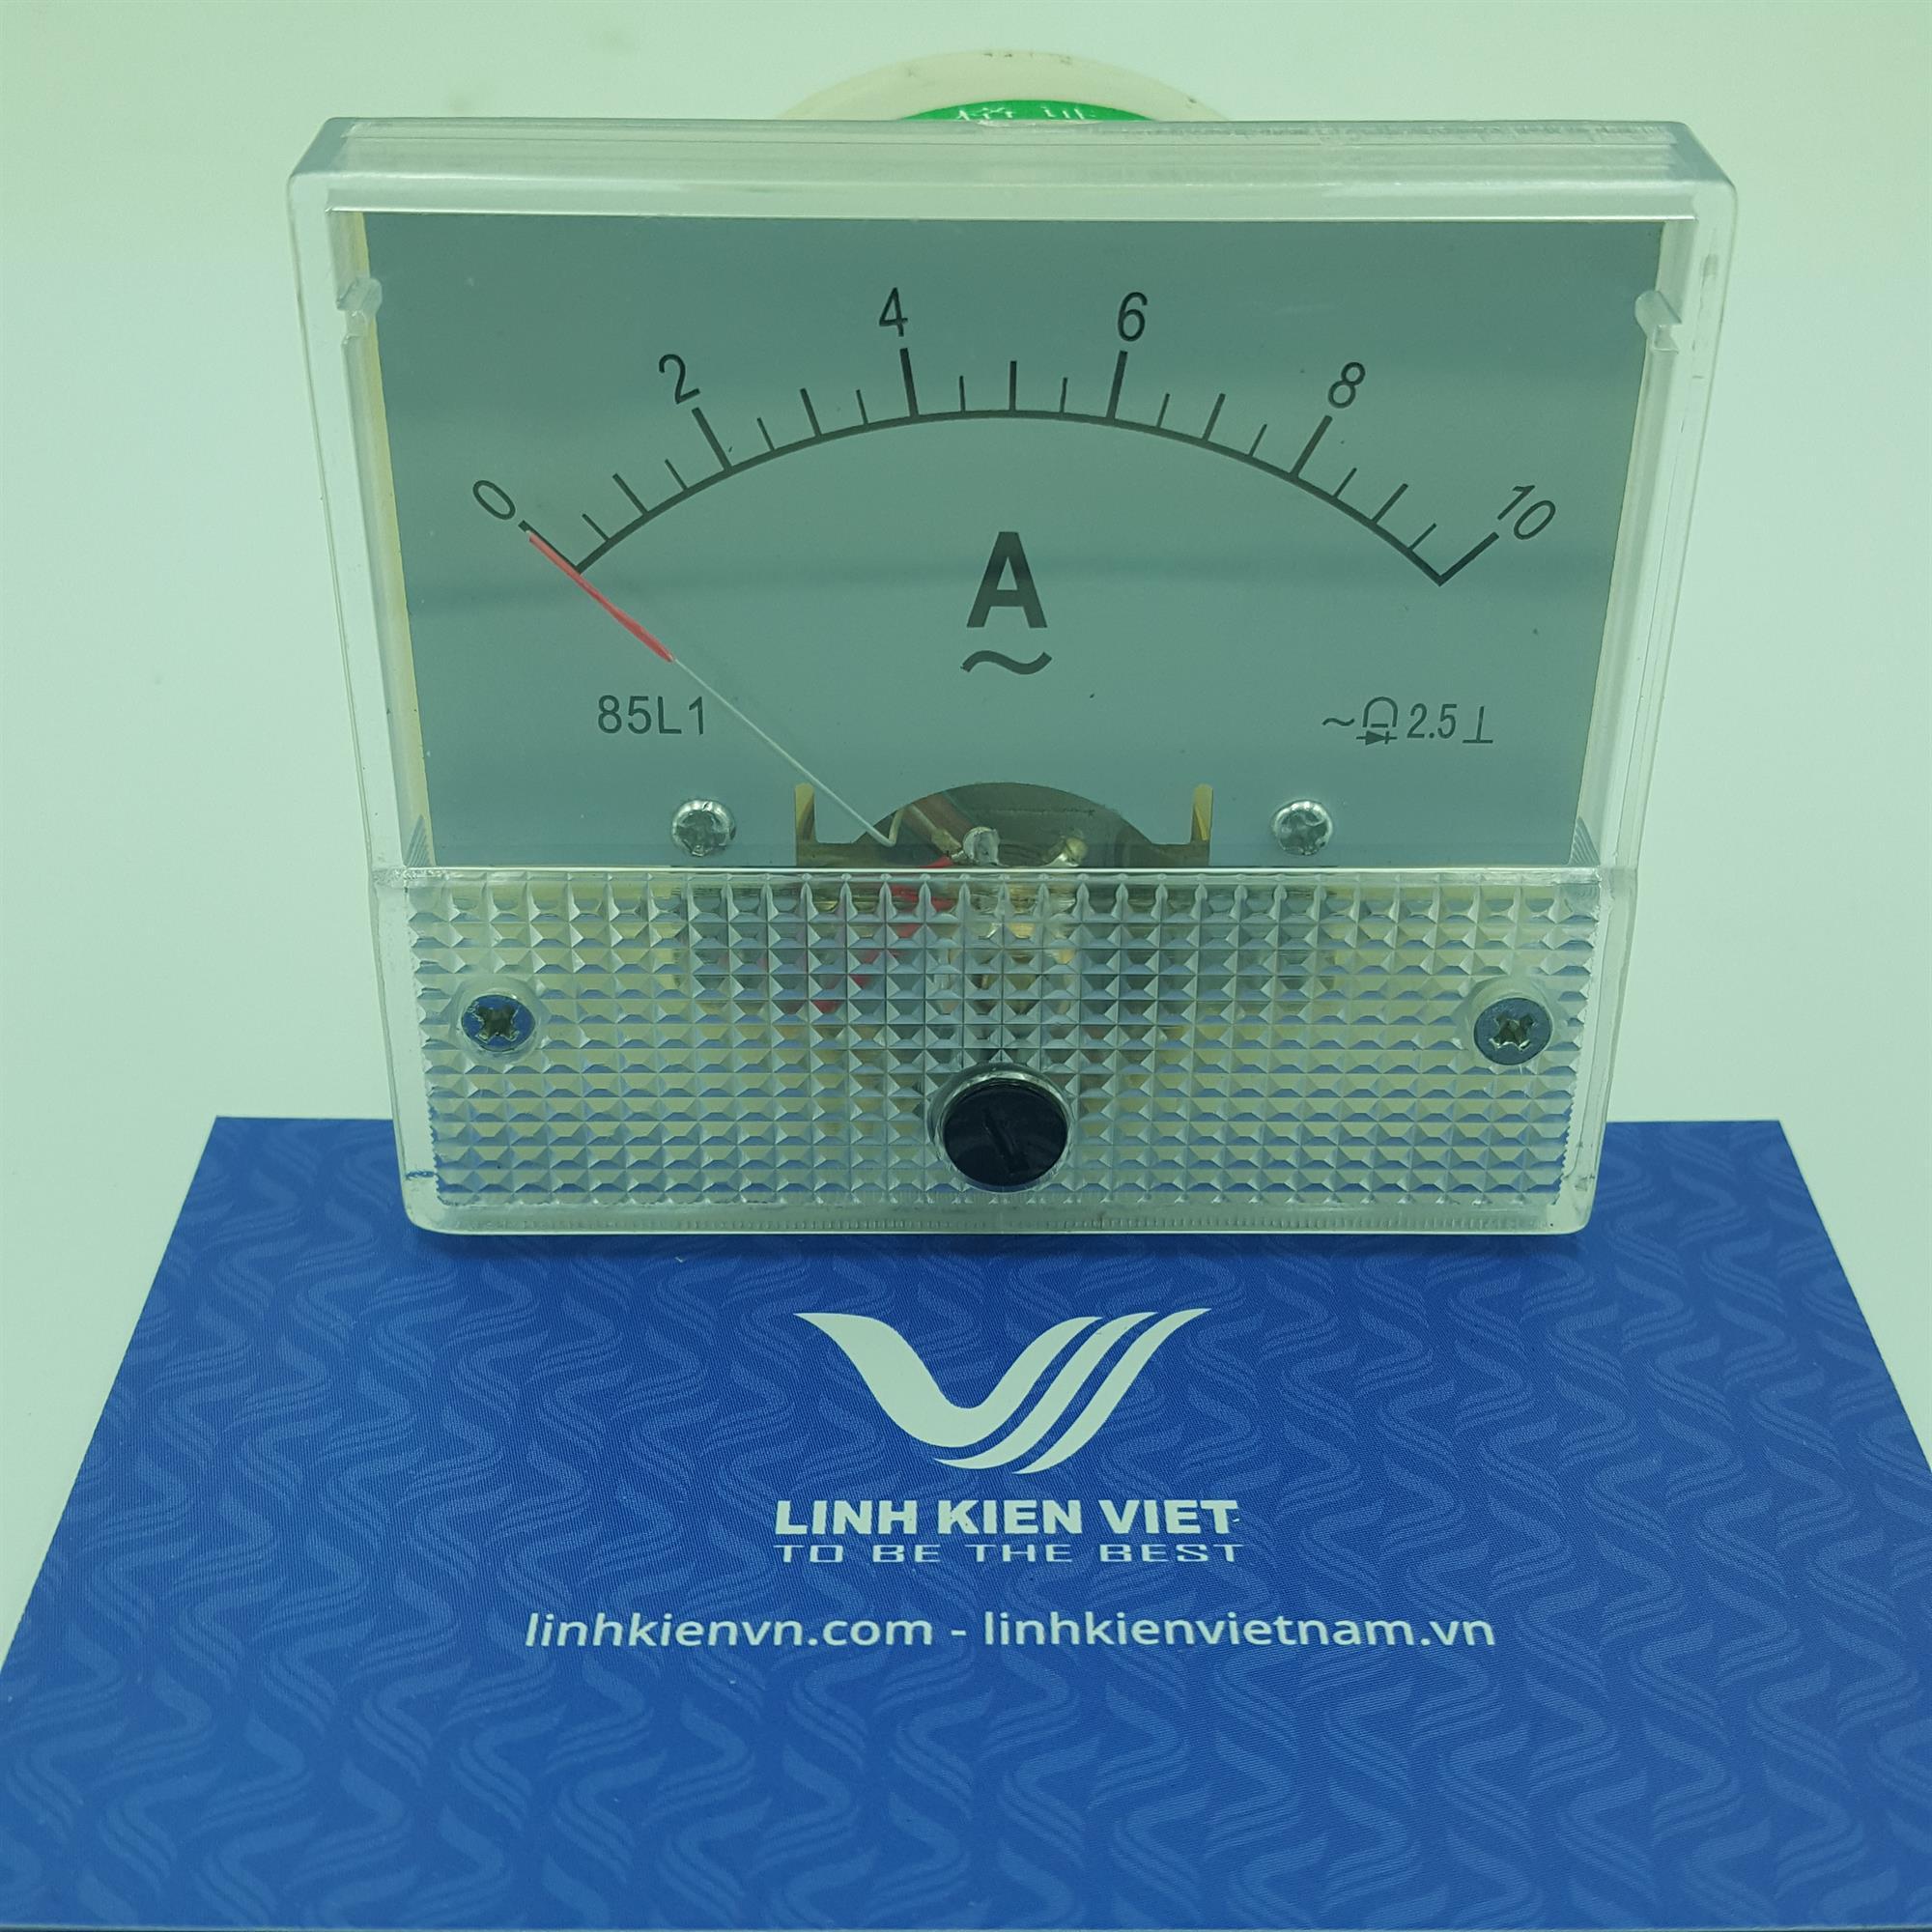 Đồng hồ đo dòng điện 85L1 10A/ Ampe kế 85L1 (0-10A) - J5H11